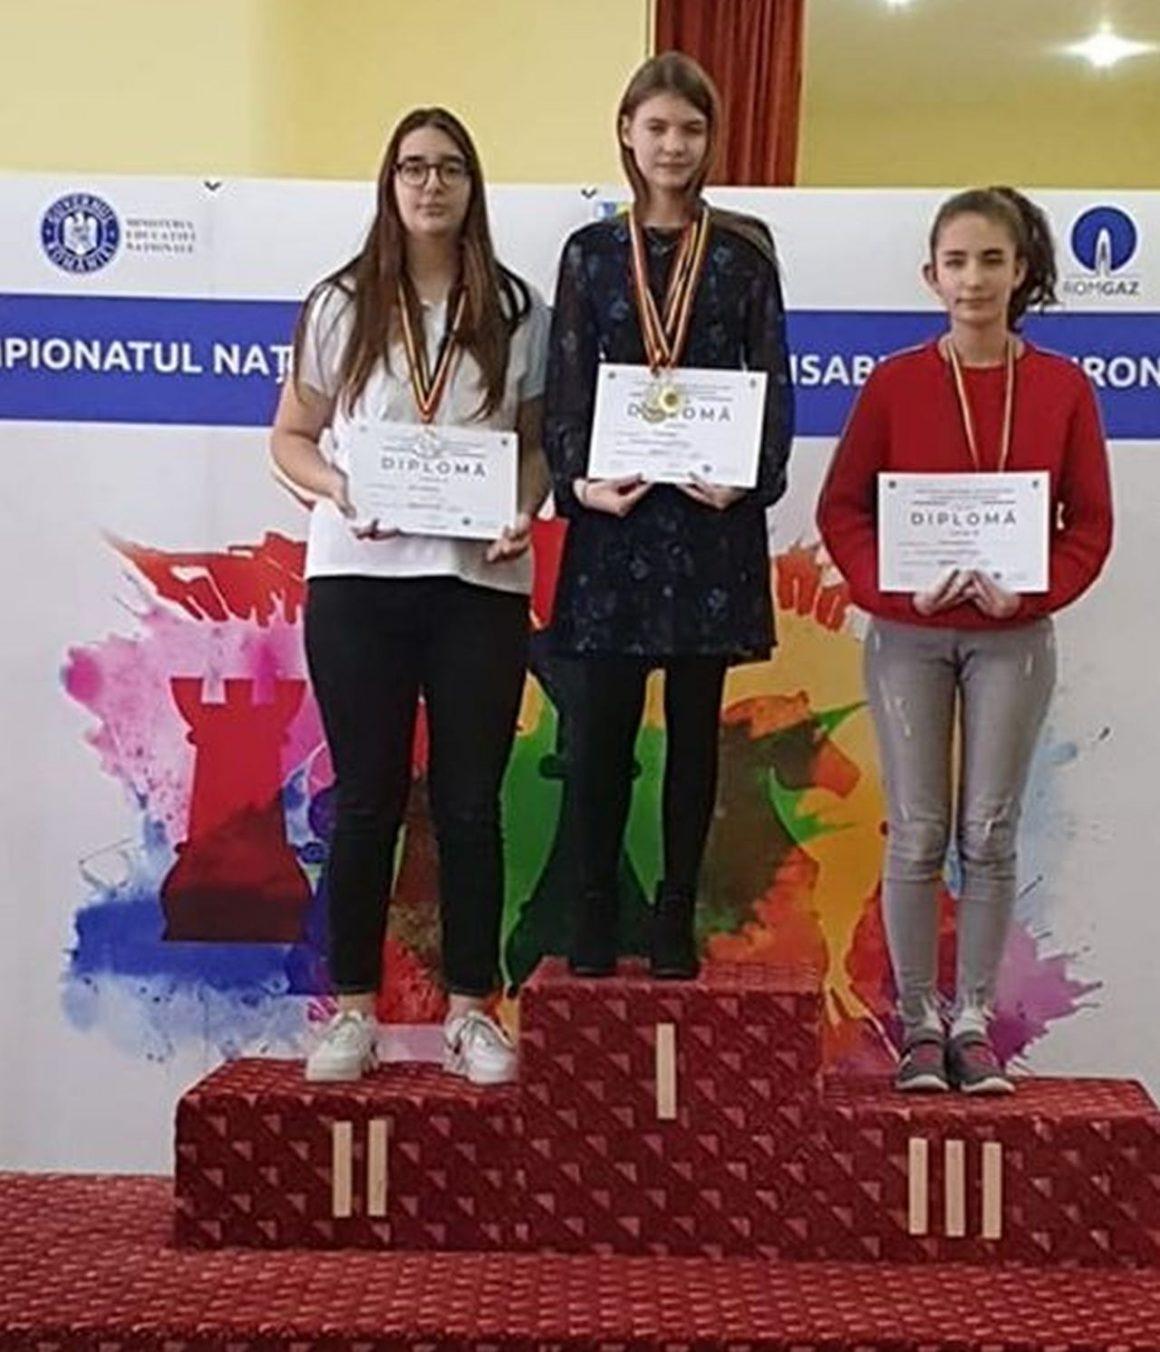 """Anamaria Raţă, 3 medalii de aur la Concursul Naţional Şcolar de Şah """"Elisabeta Polihroniade""""!"""